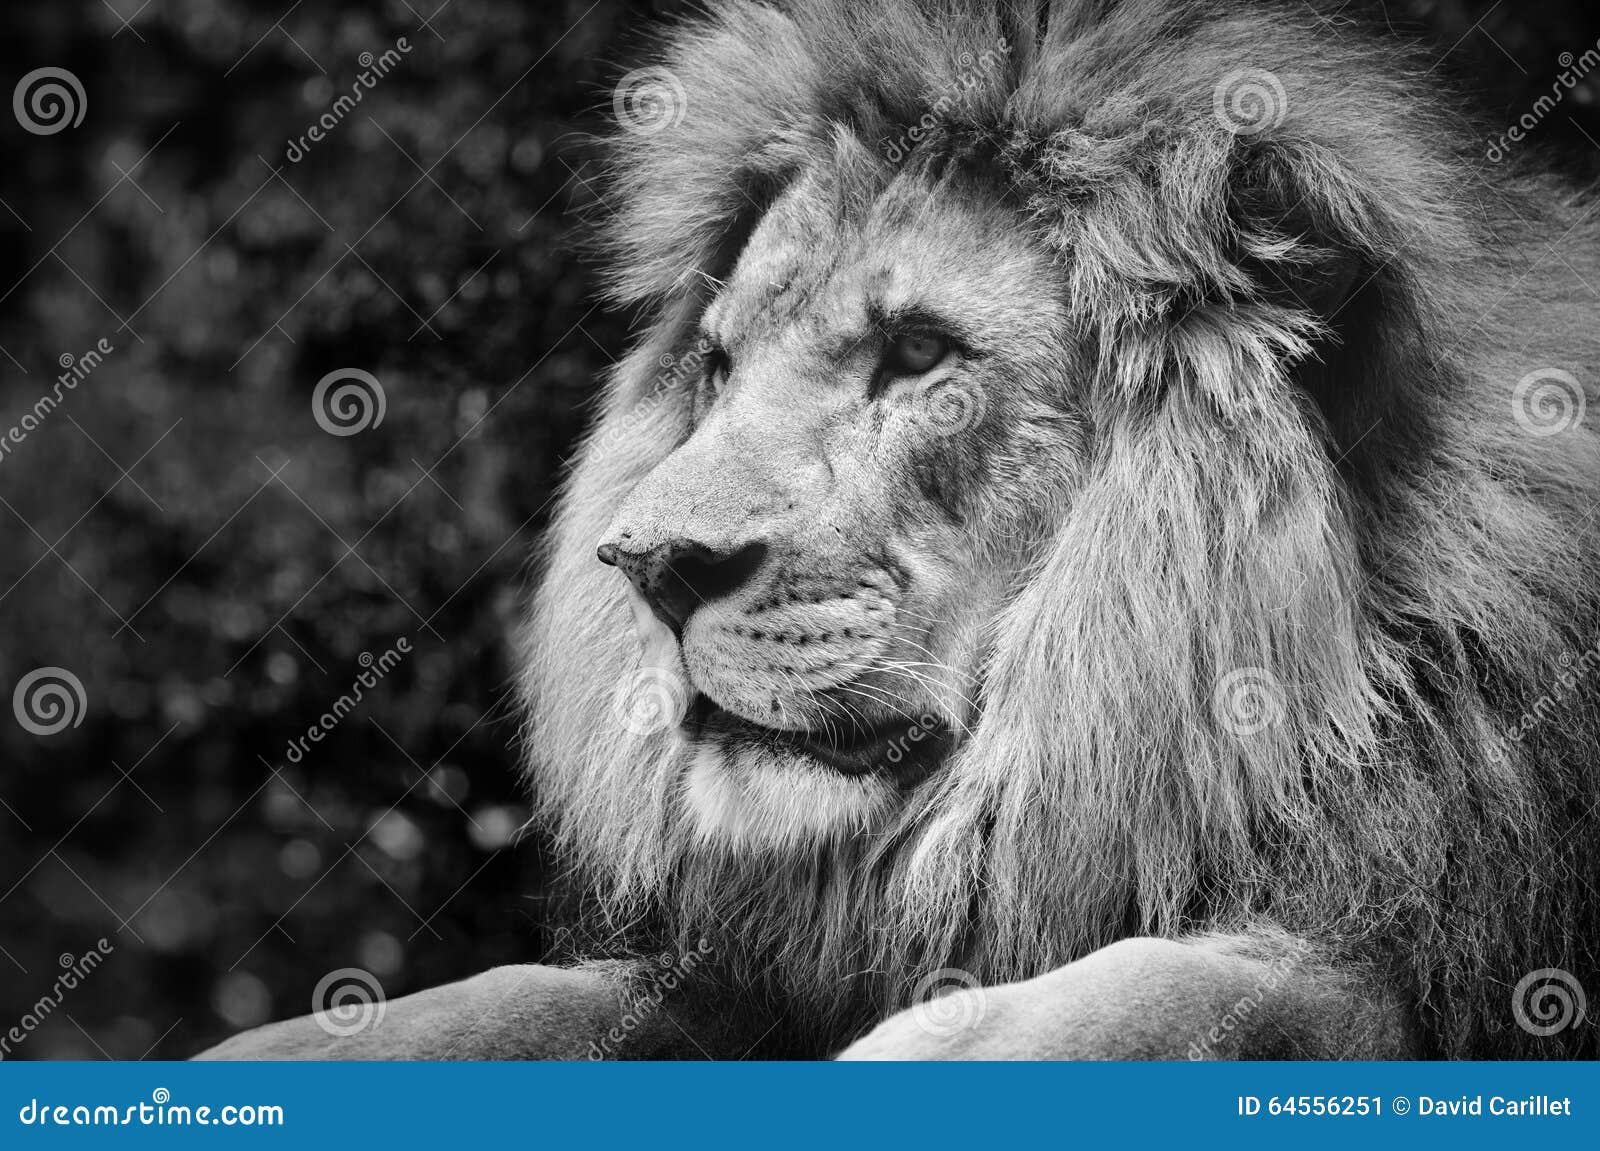 Starker Kontrast Schwarzweiss von einem männlichen Löwe in einer königlichen Haltung